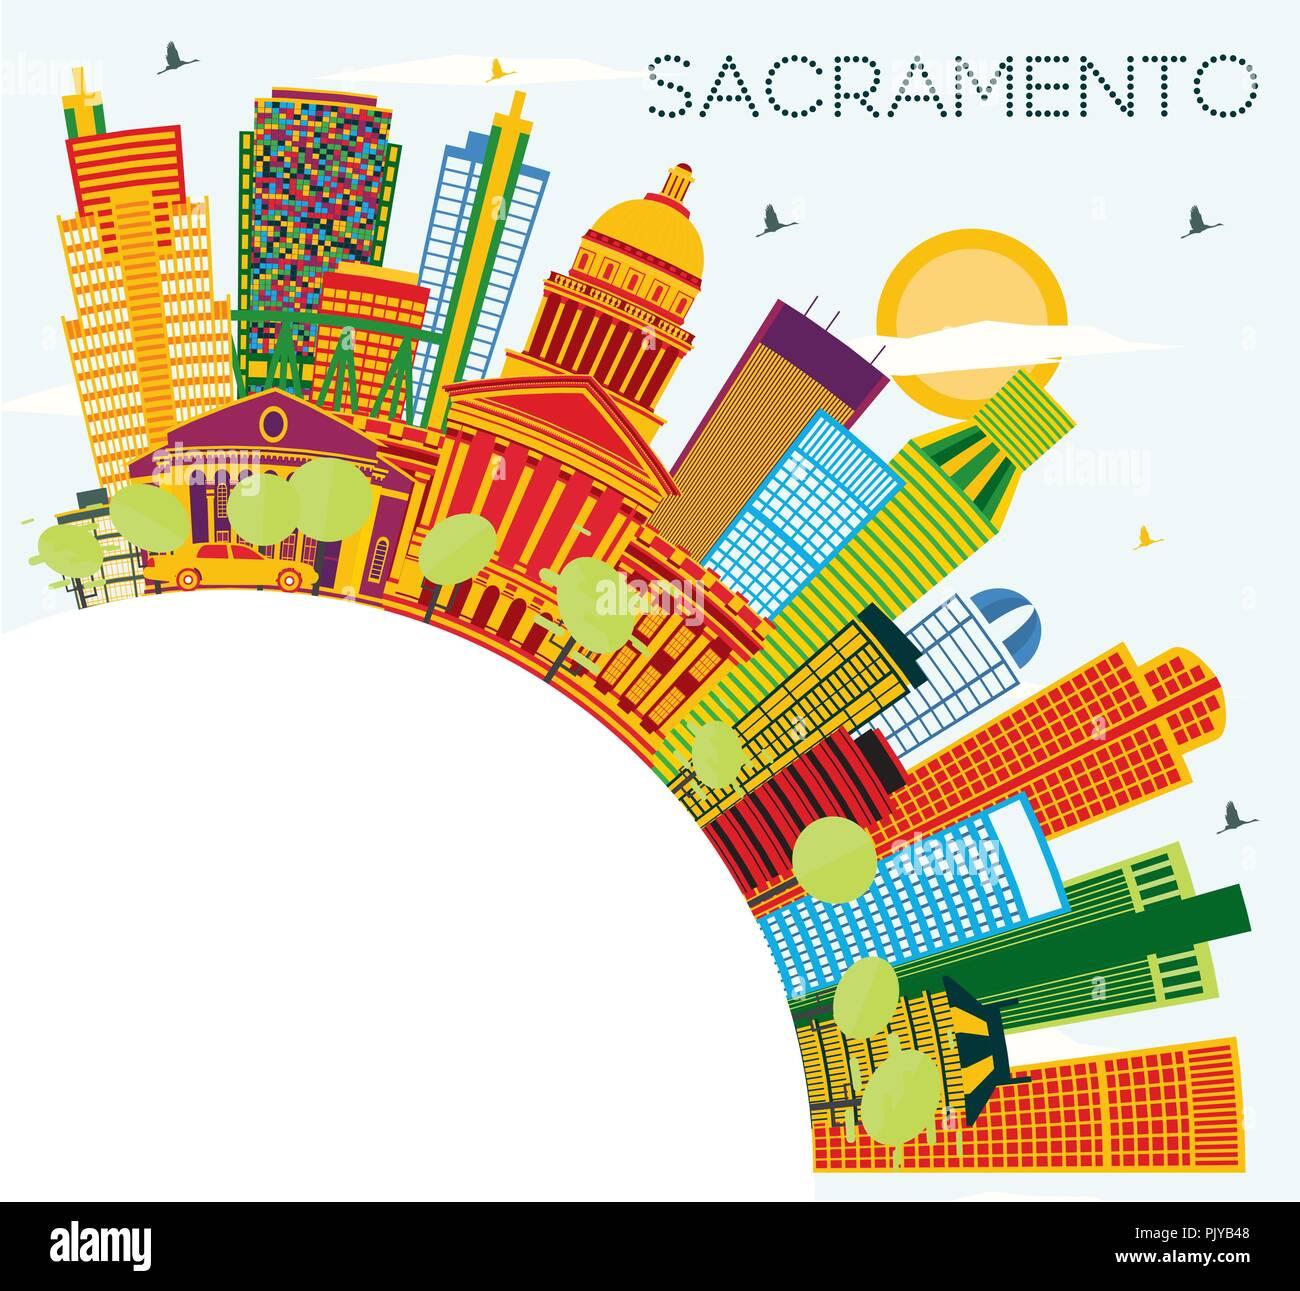 Couleur Avec Bleu Ciel sacramento usa city skyline avec bâtiments, couleur bleu